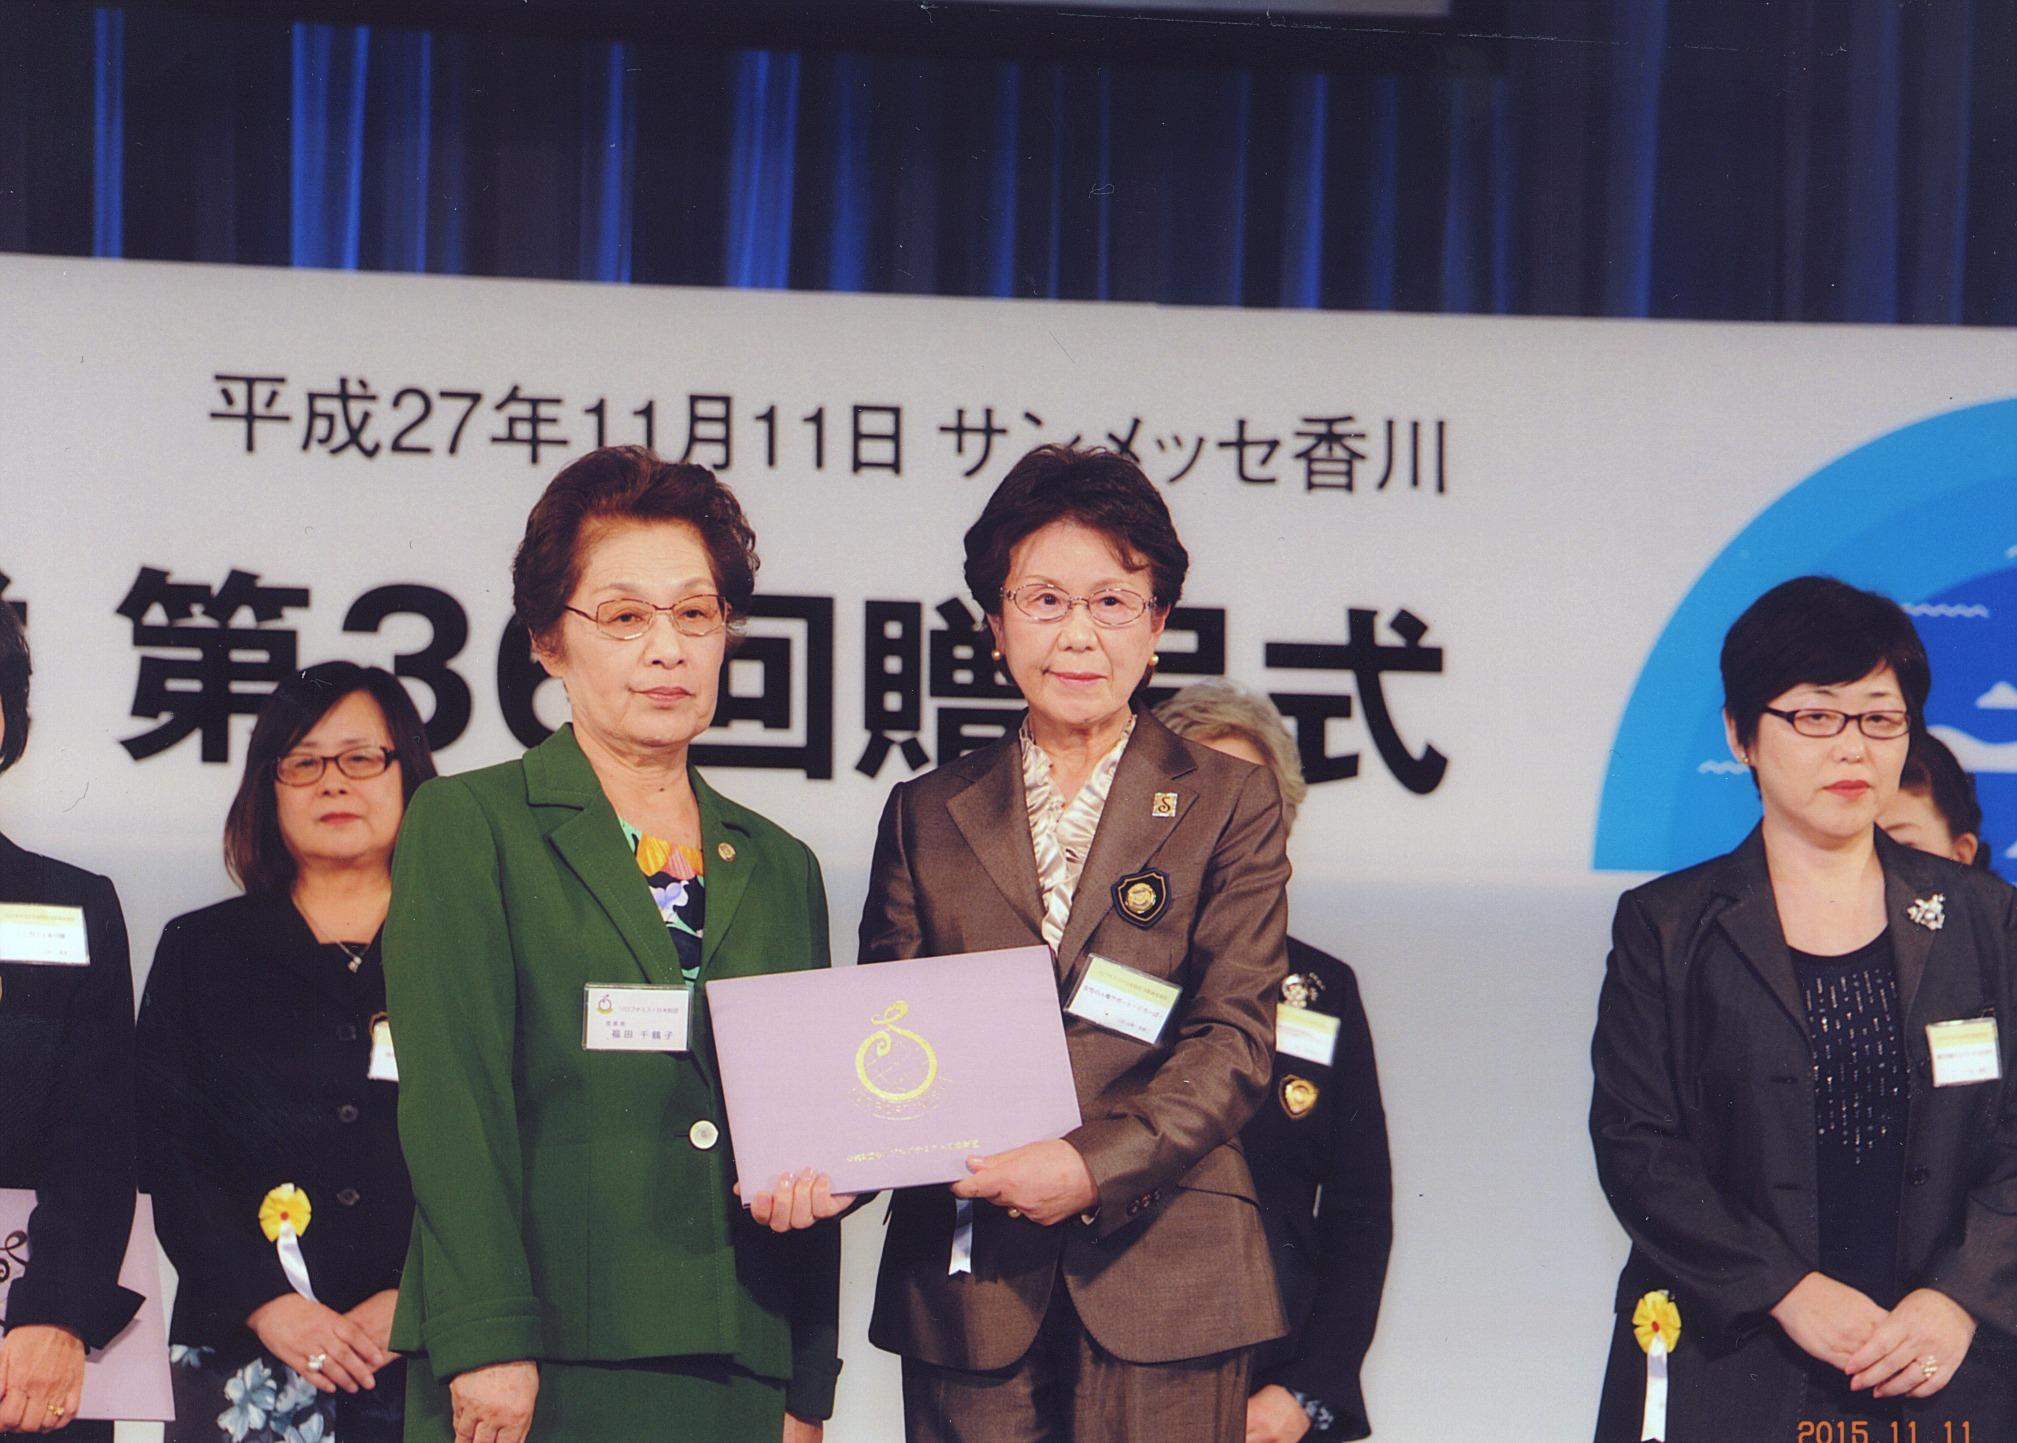 2年連続‼ ソロプチミスト日本財団 平成27年 年次贈呈式